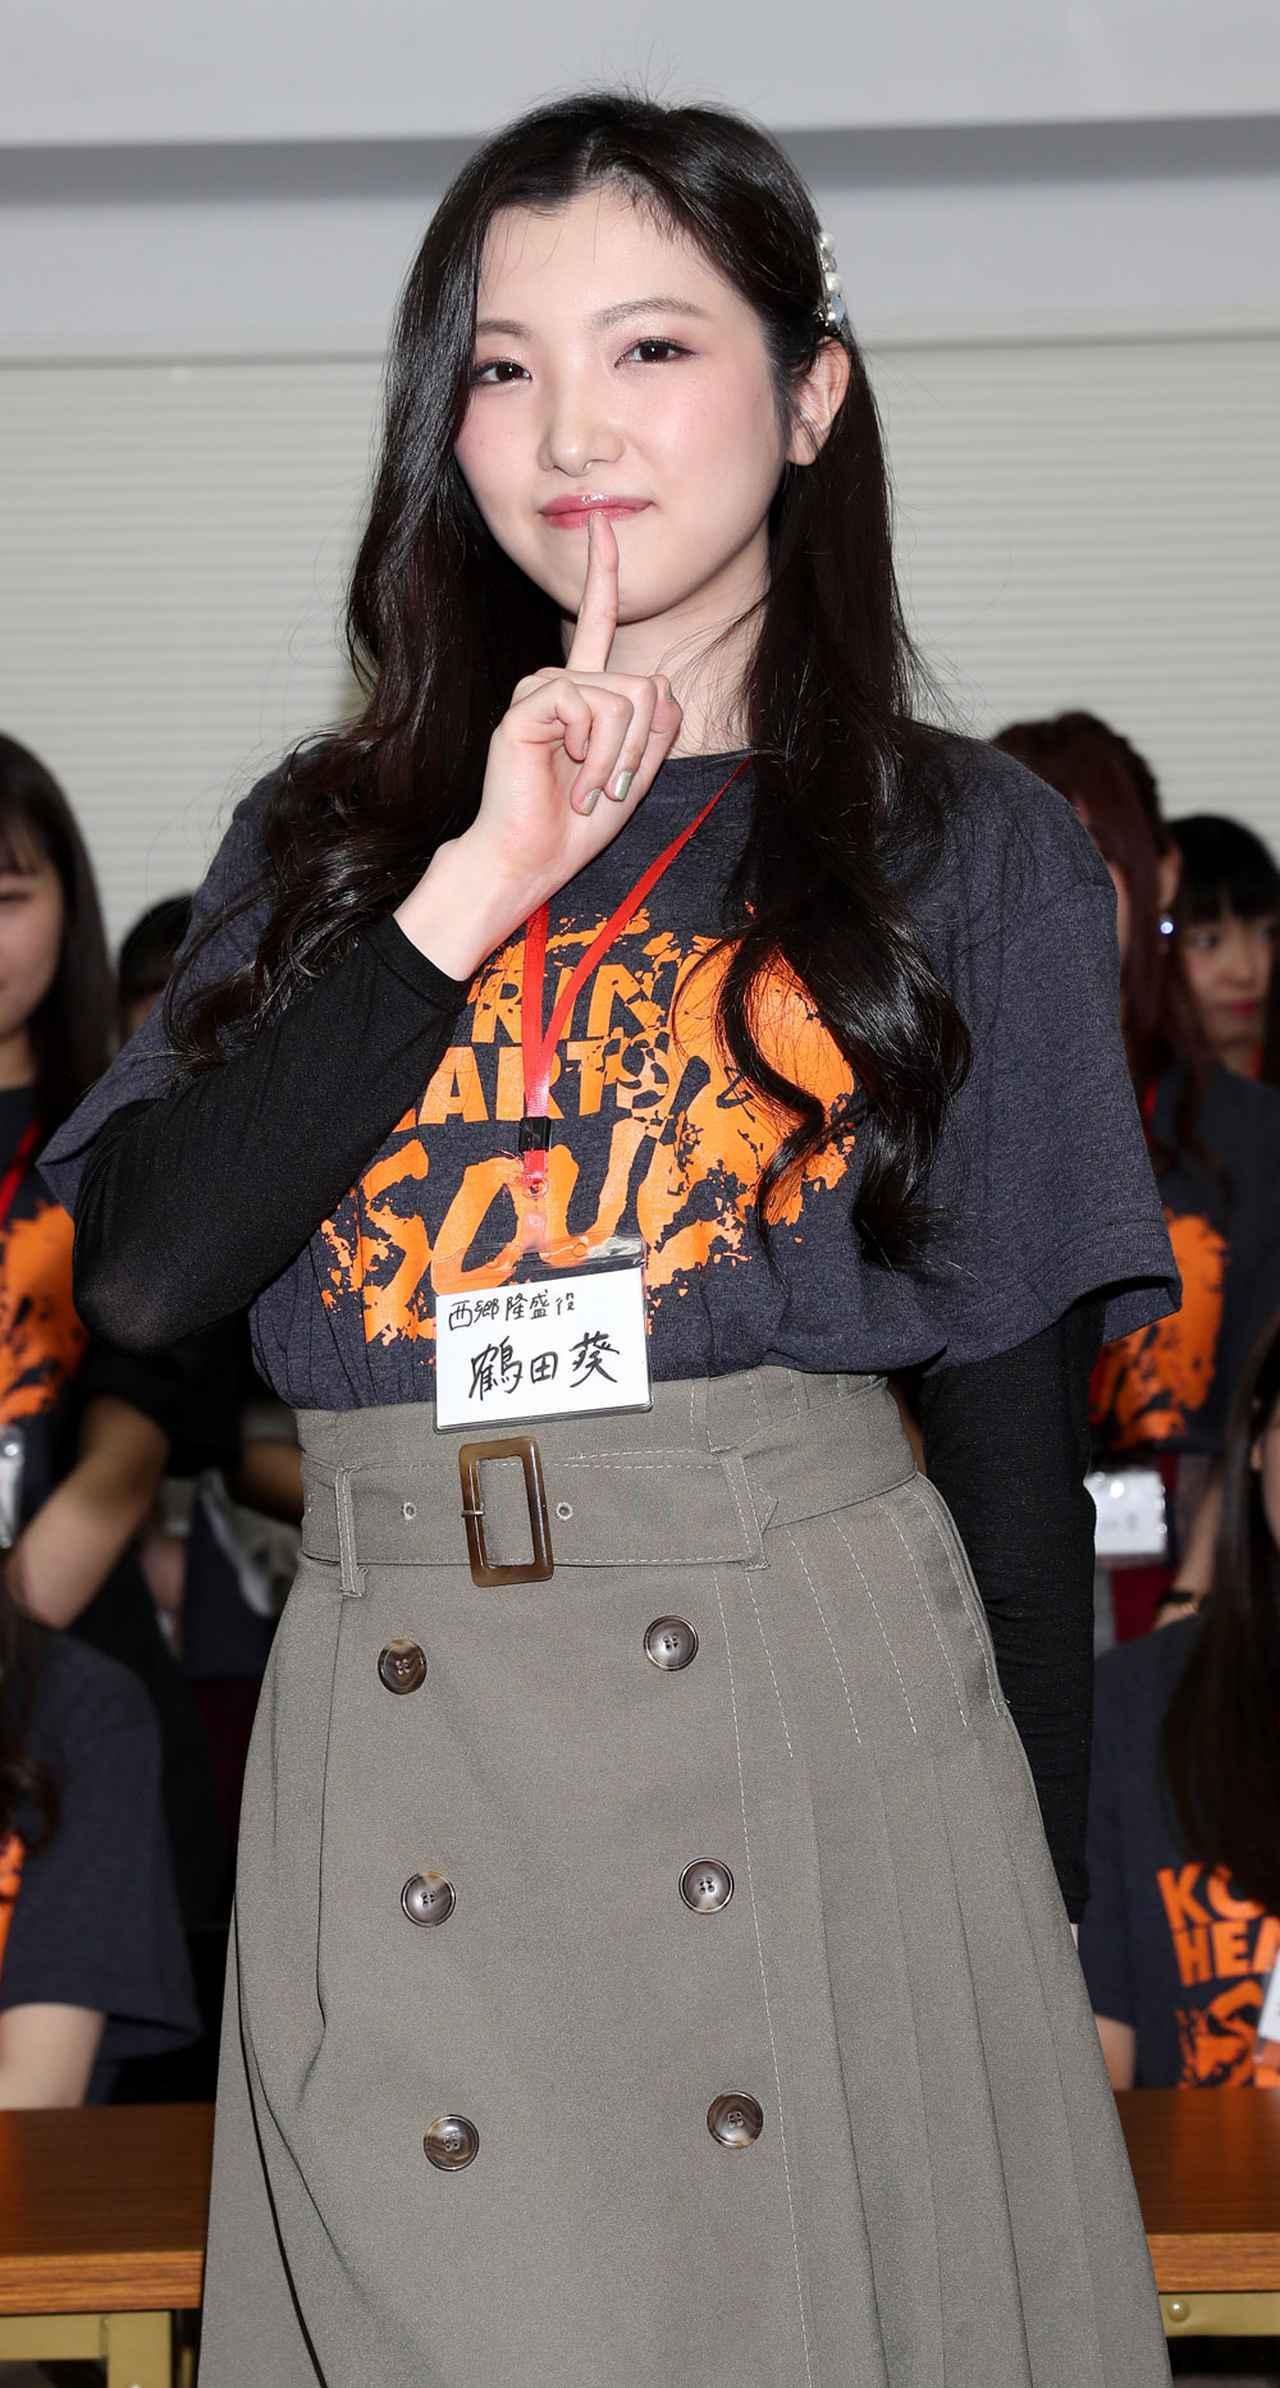 画像4: 若林倫香、水城夢子/アリスインプロジェクト最新舞台「降臨HEARTS&SOUL」、新たな演出を施して4/25よりアクションたっぷりに上演!